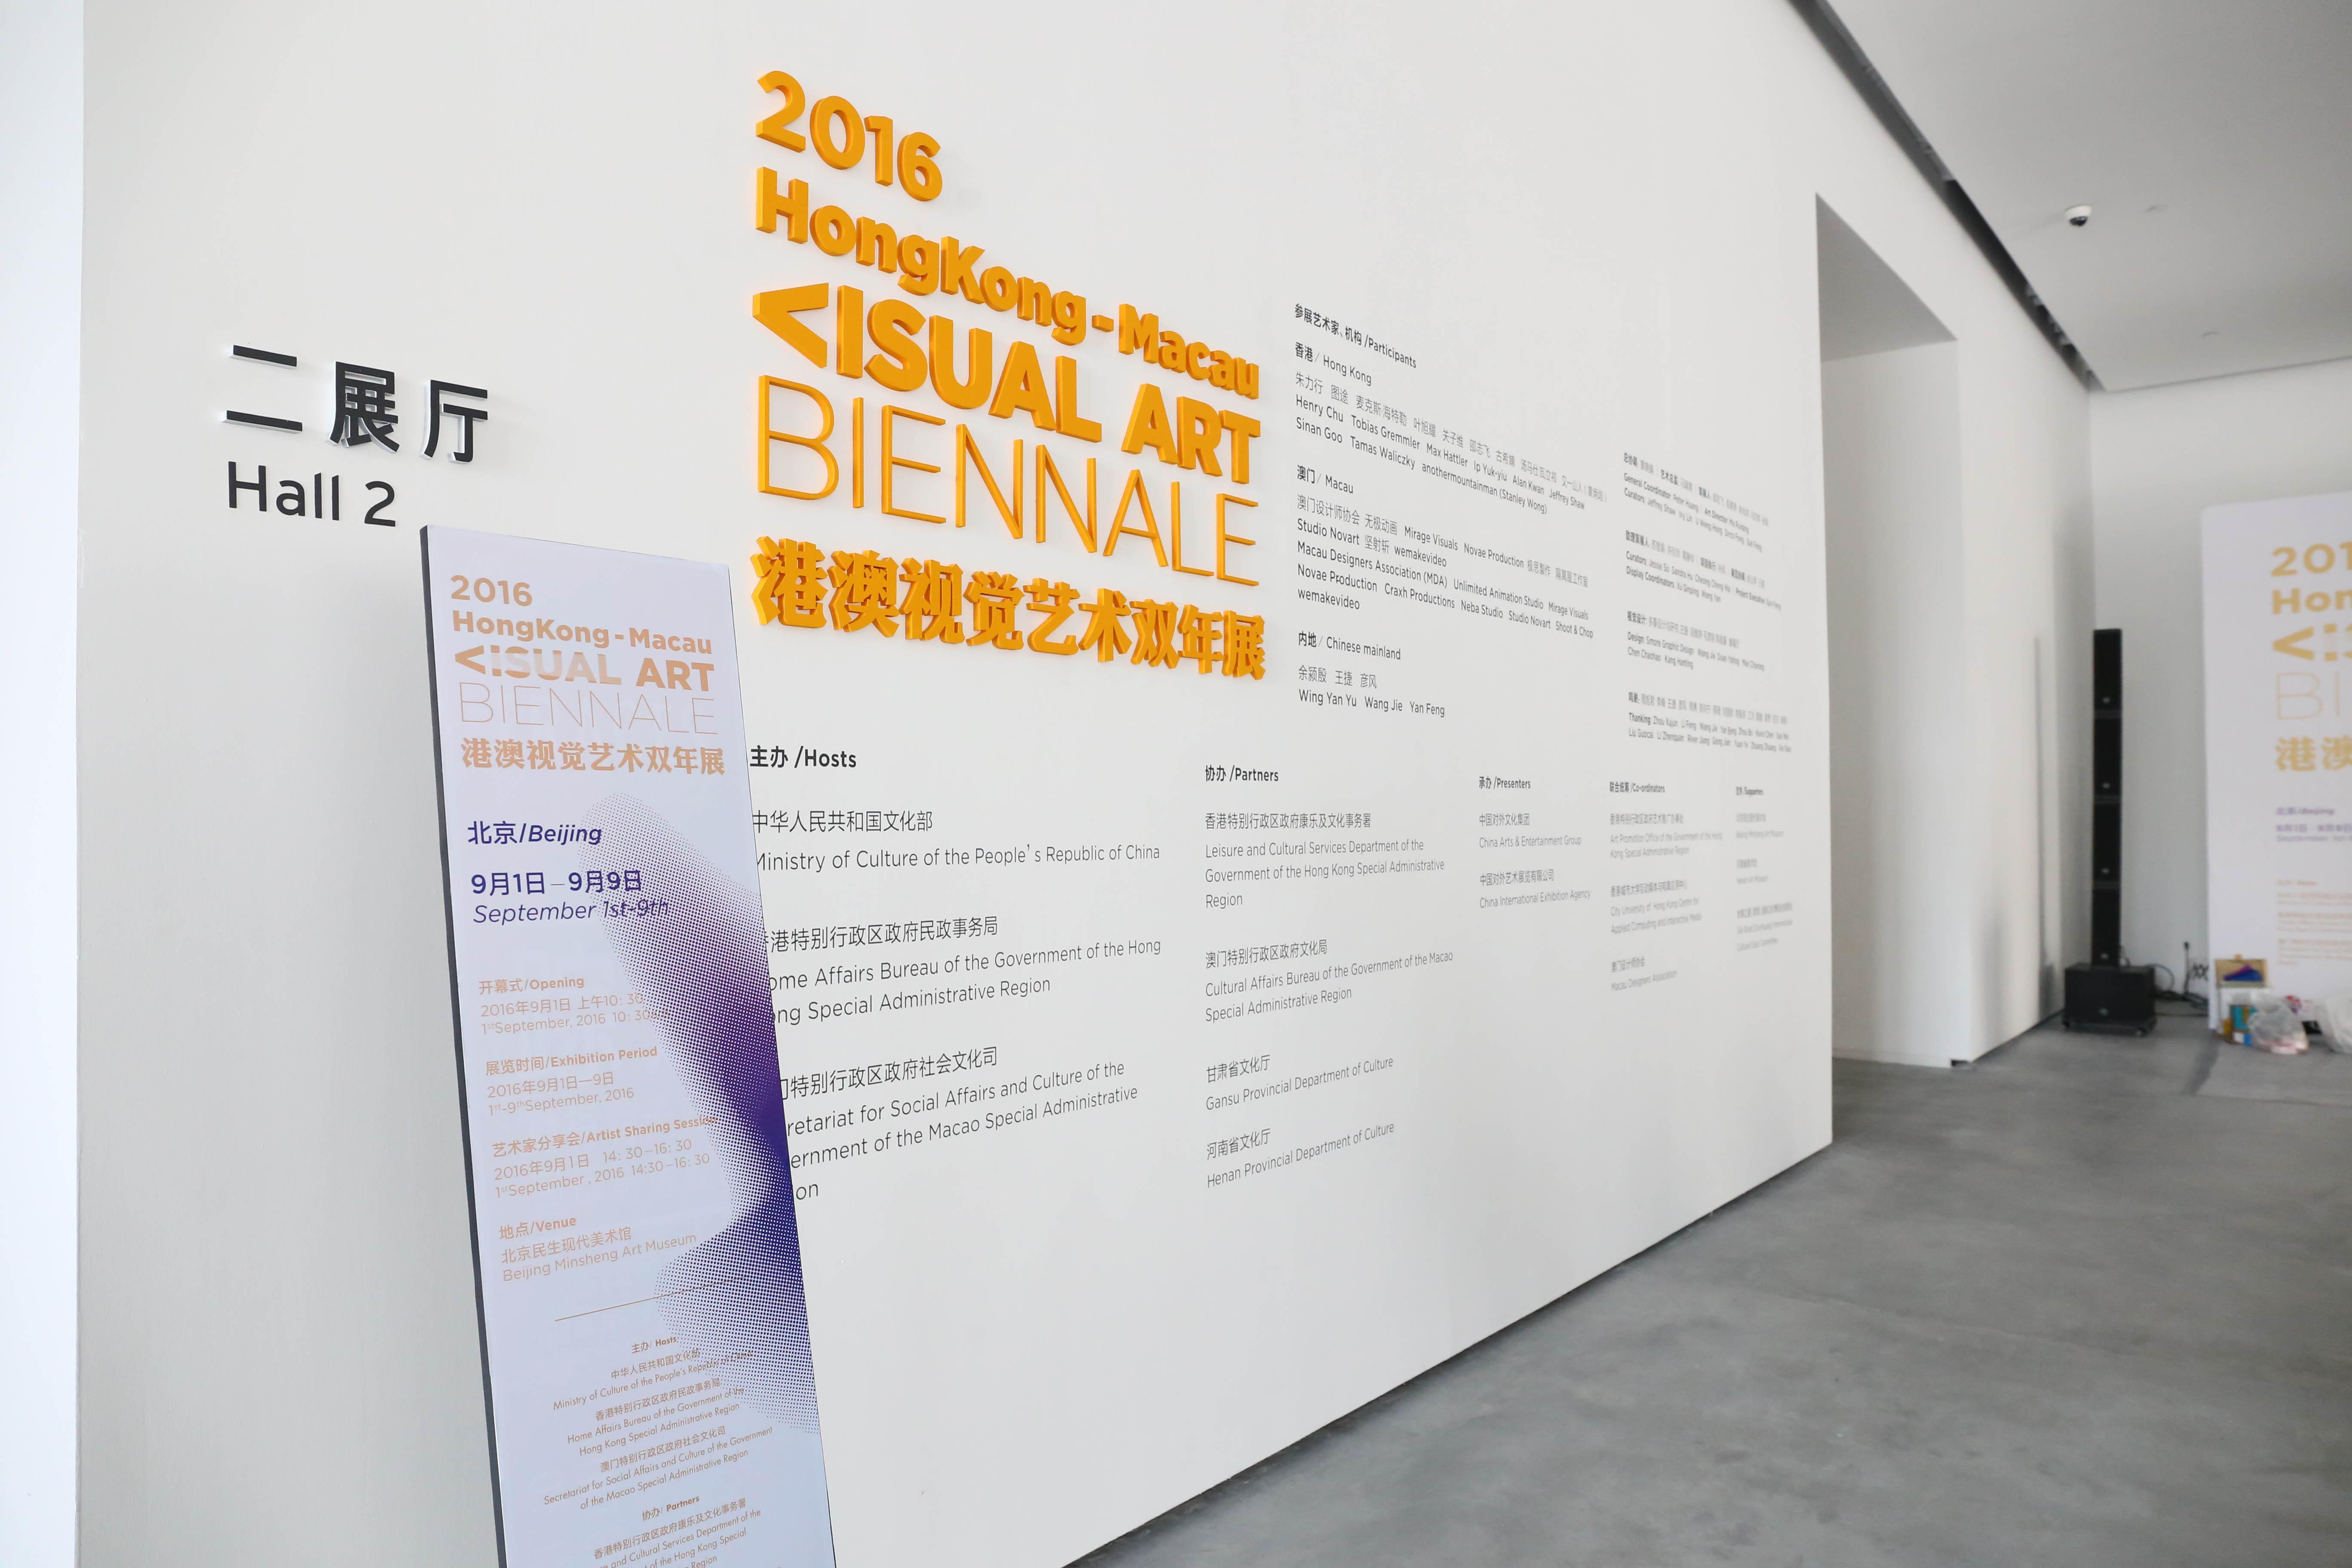 2016港澳视觉艺术双年展